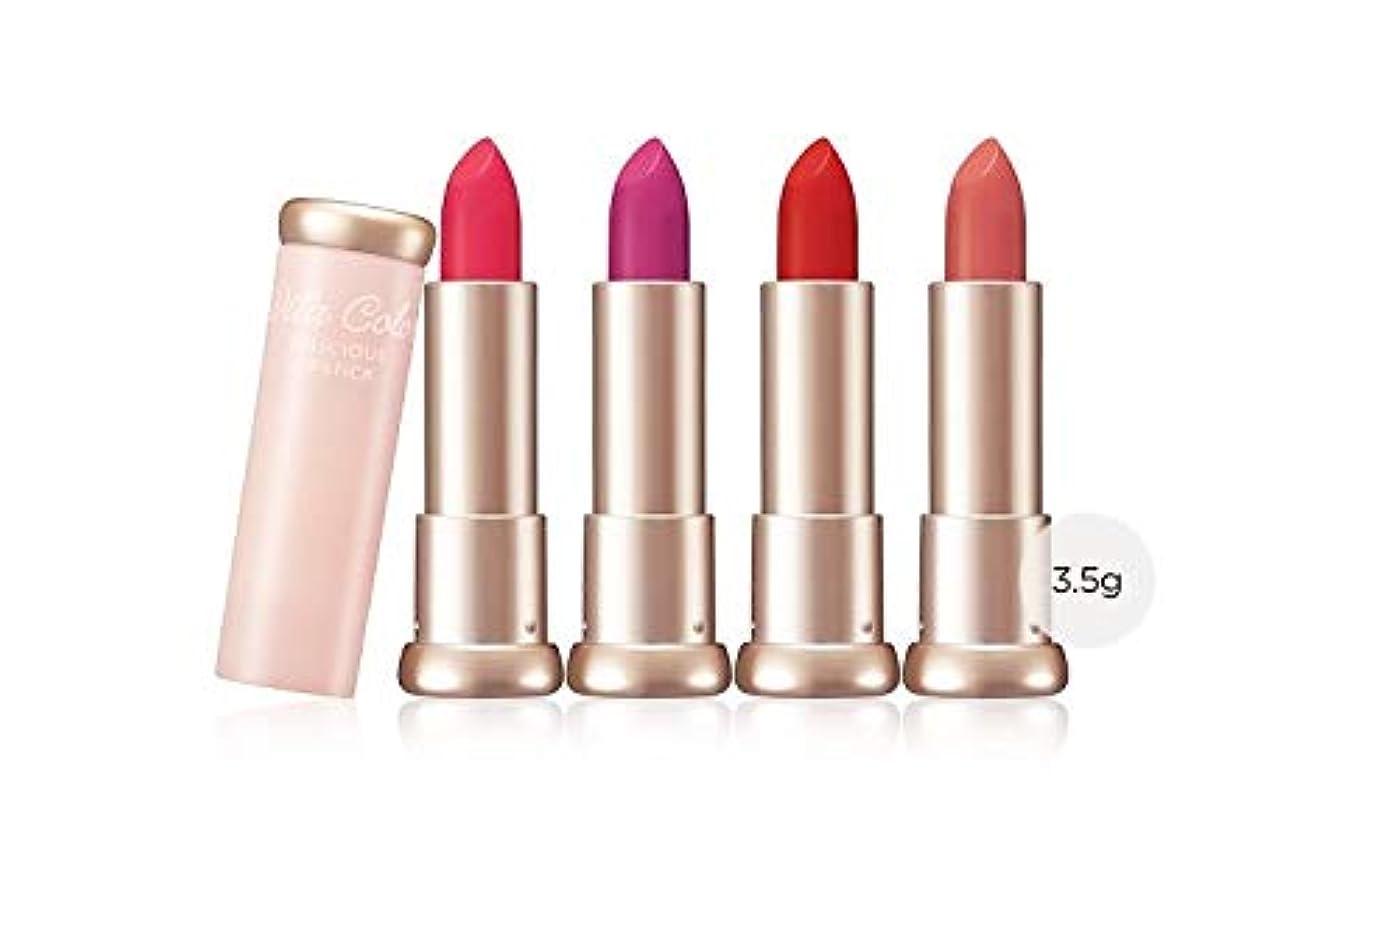 行う大造船Skinfood ヴィータ色おいしいリップスティック(クリーミー)#PK02ラズベリーシャーベット / Vita Color Delicious Lipstick (CREAMY) # PK02 Raspberry Sherbet...